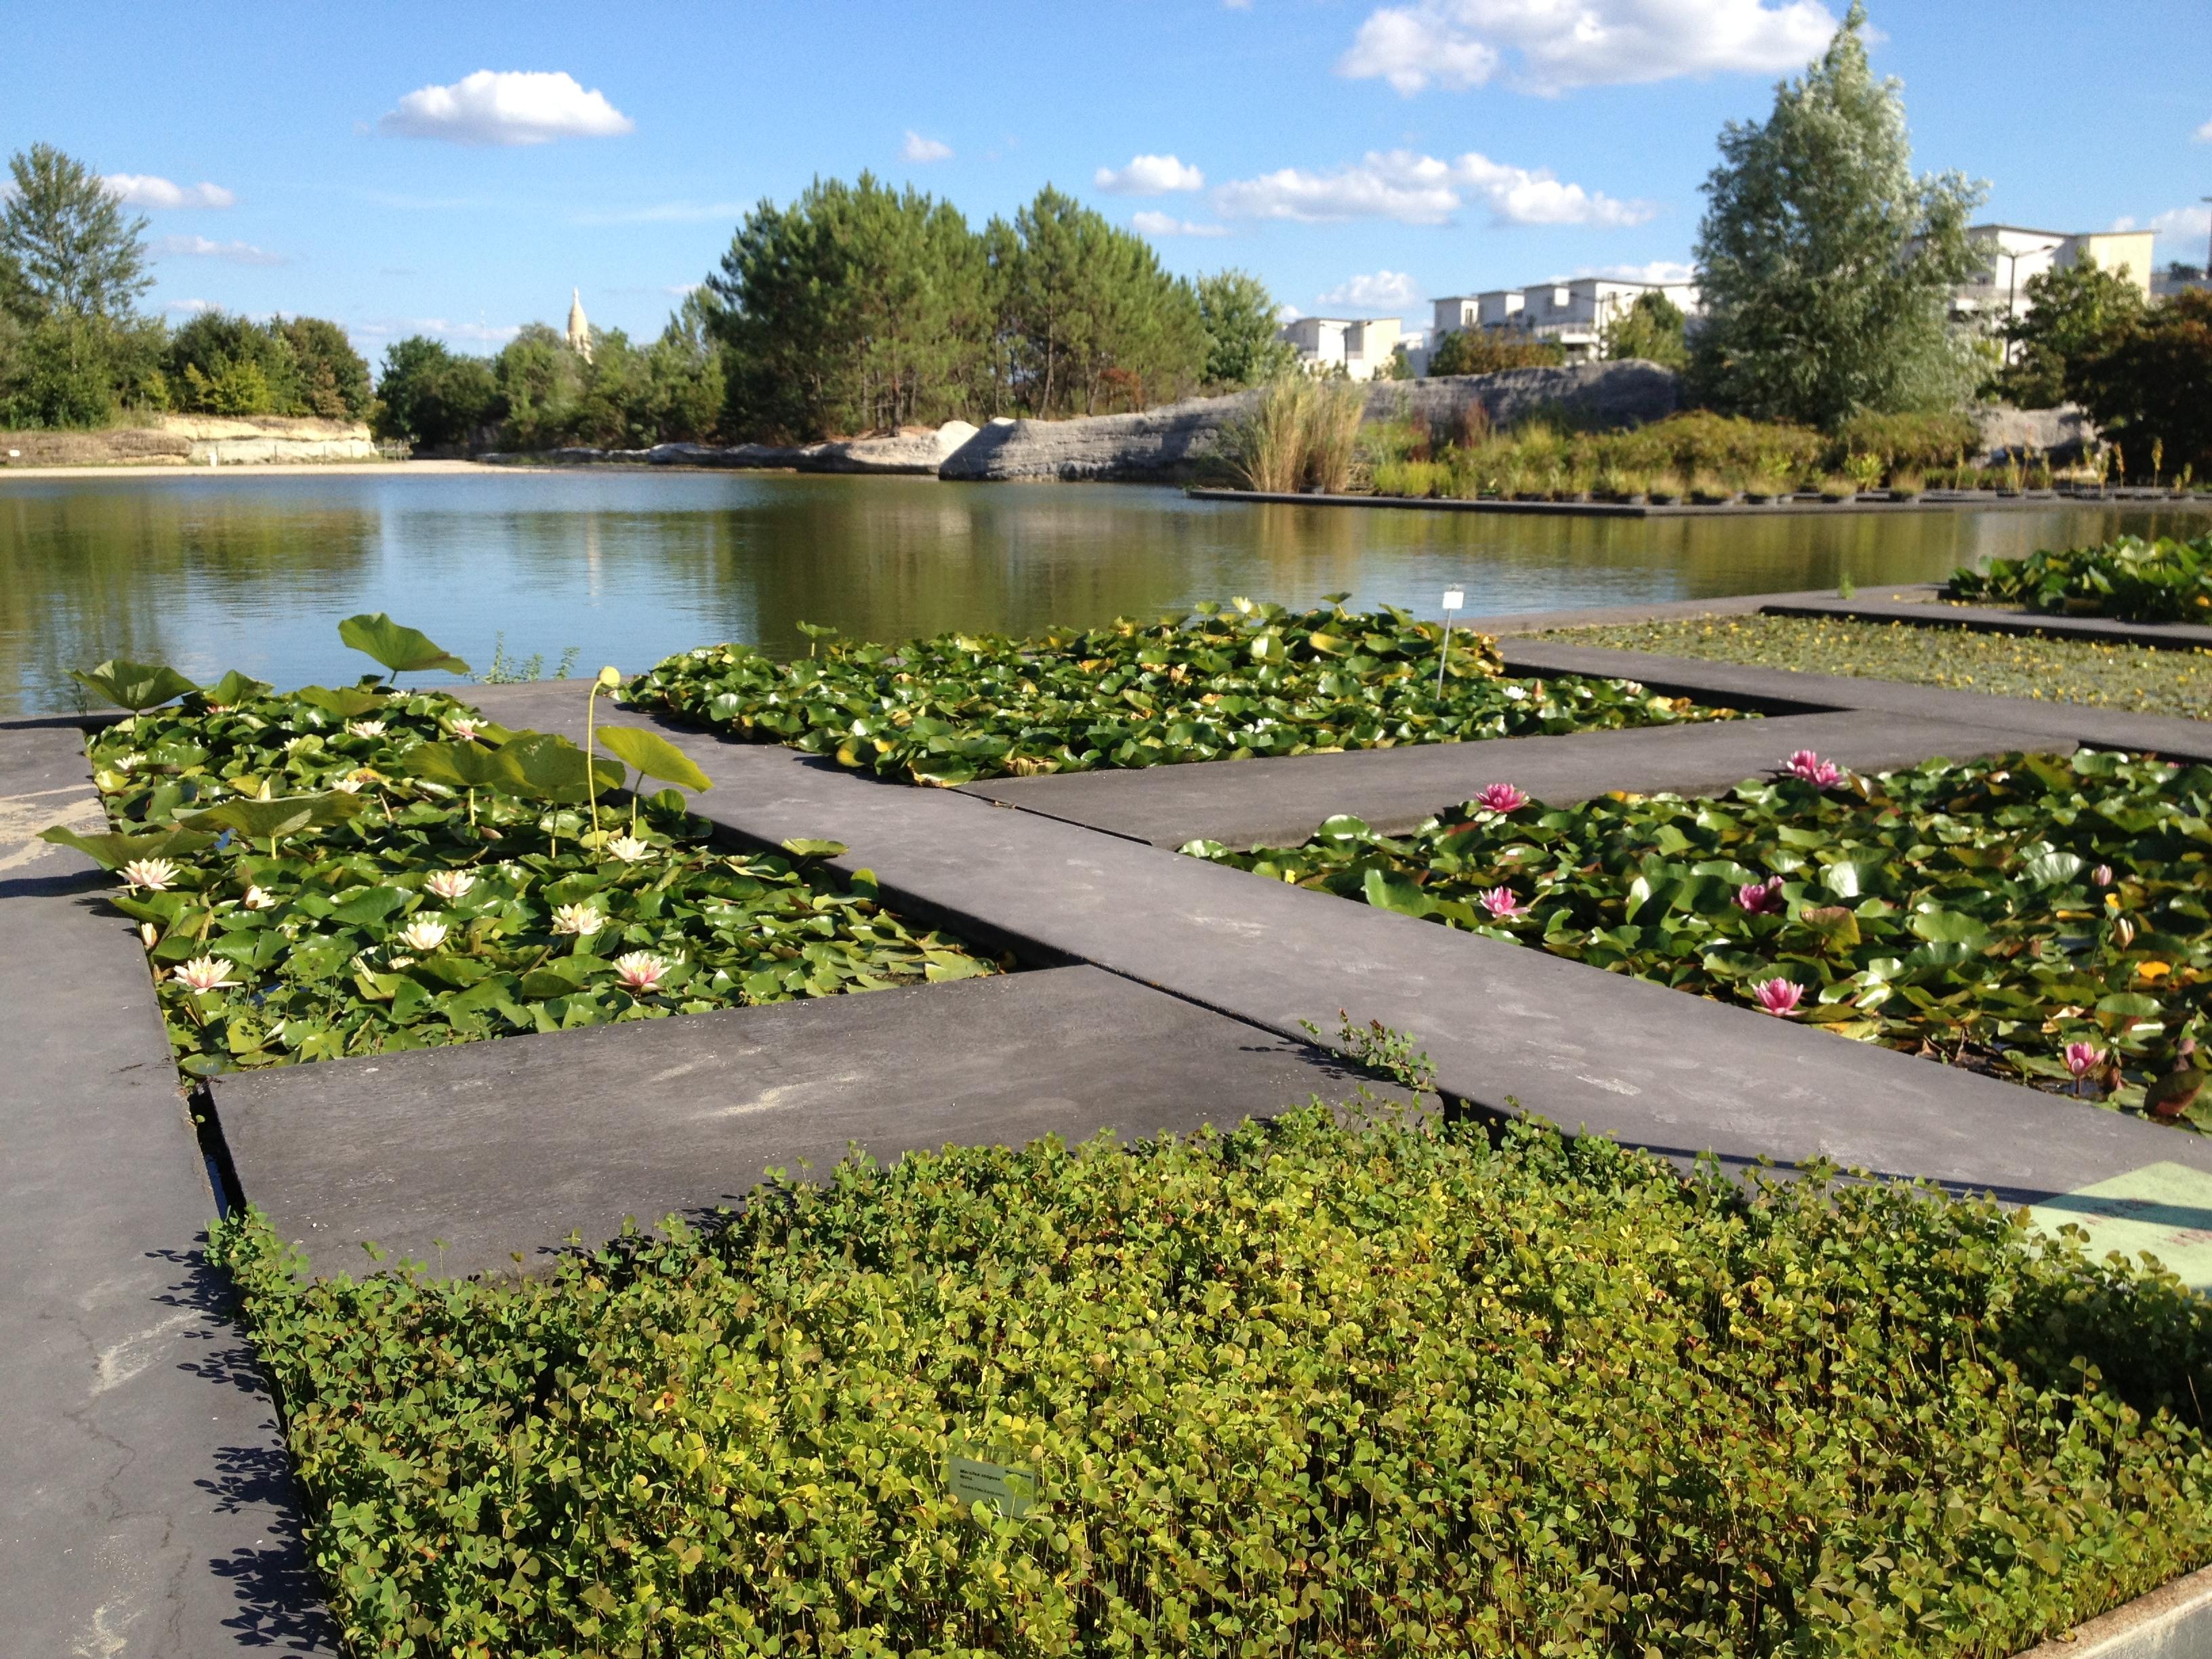 1 parc jardin botanique bordeaux tendances for Bordeaux jardin botanique